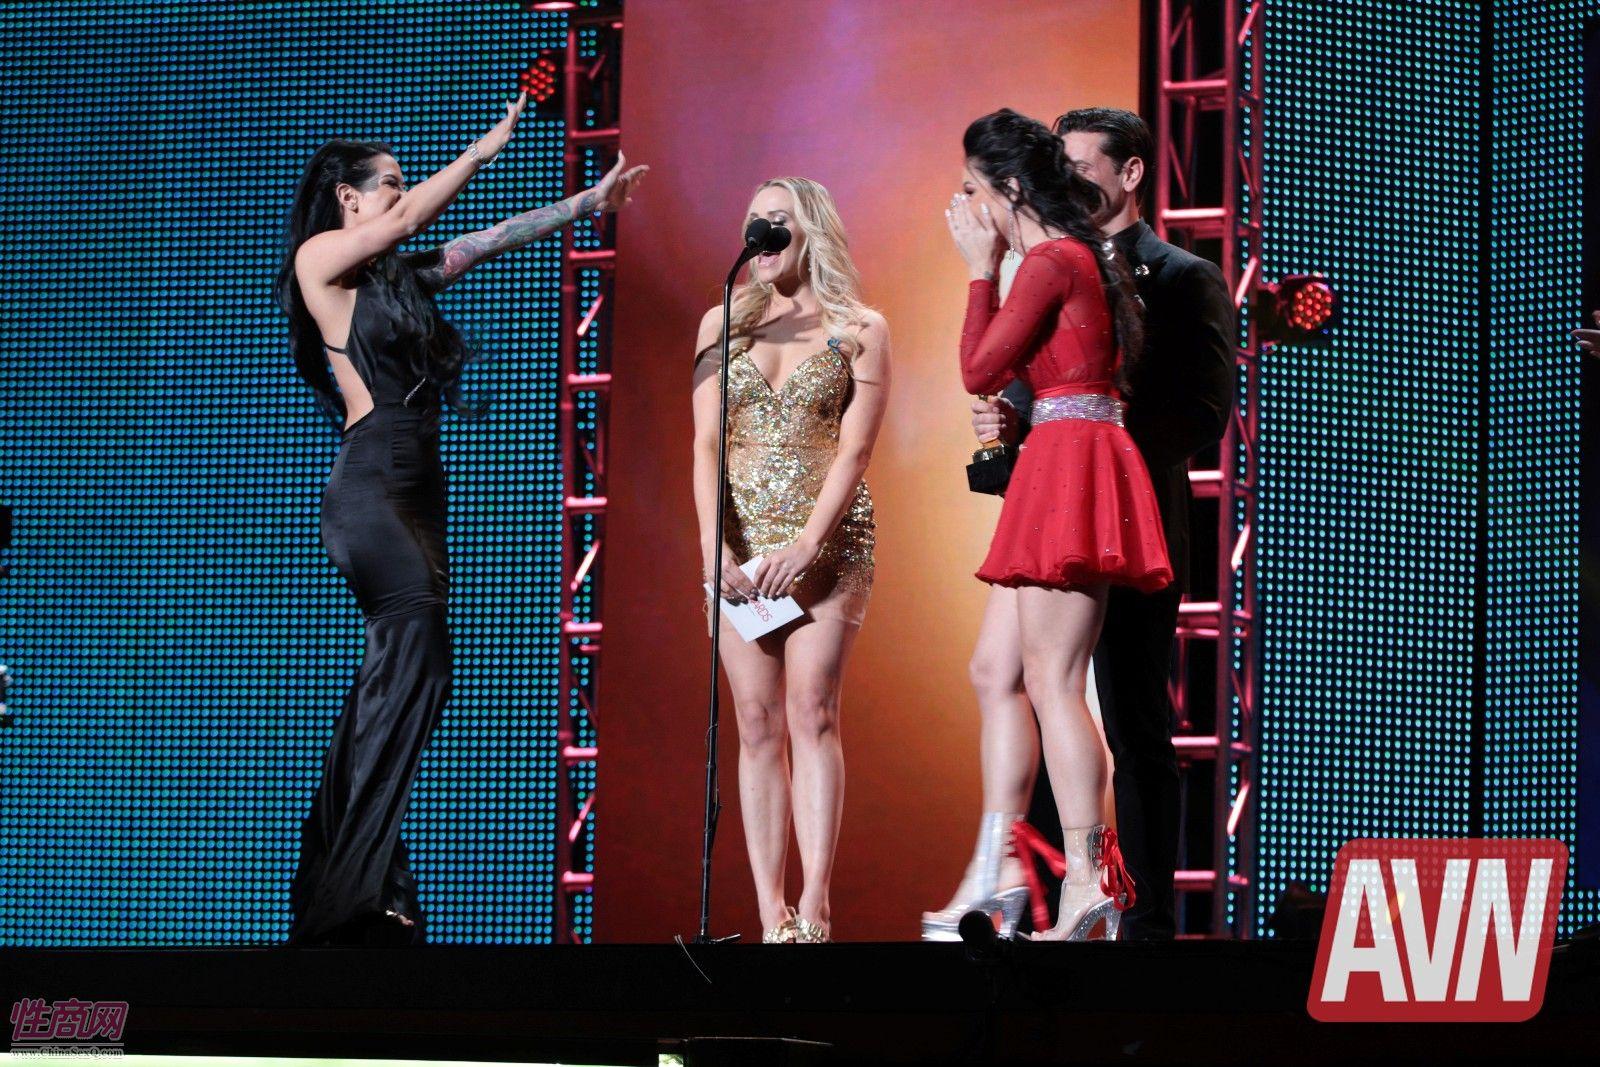 18拉斯维加斯成人展AVN:颁奖典礼 (15)